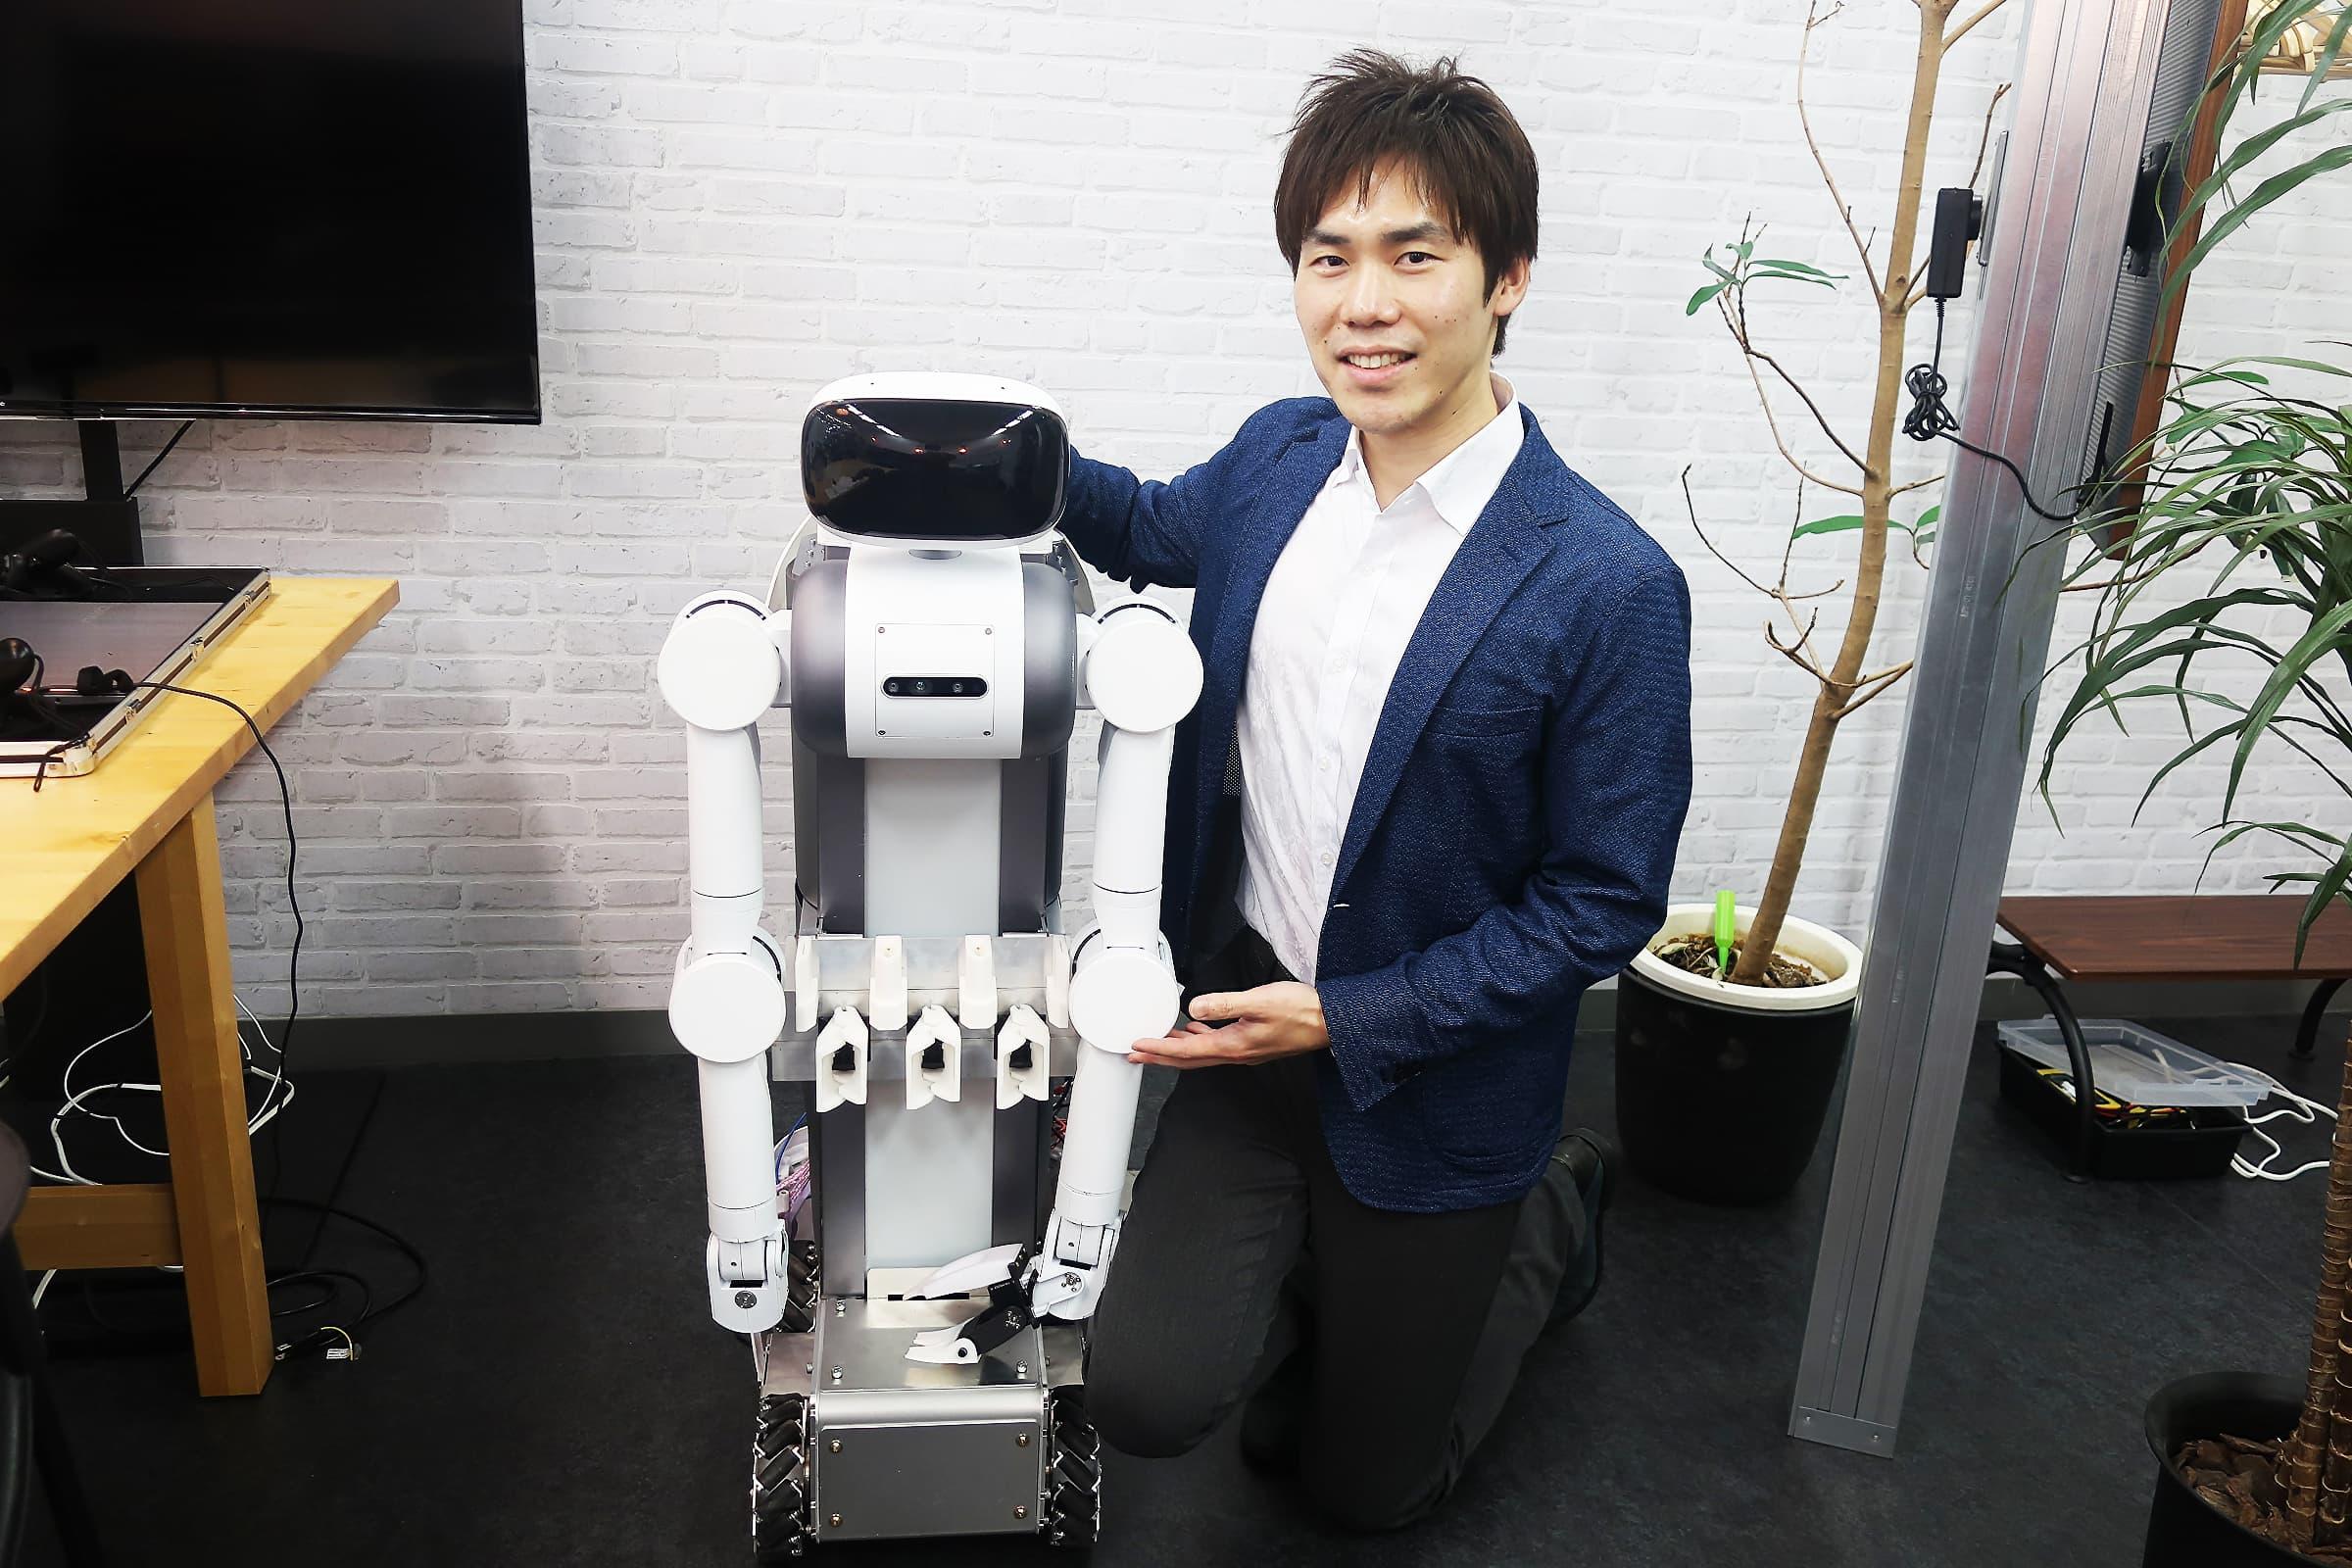 アバターロボットugoとミラ・ロボティクス代表取締役CEO松井健氏